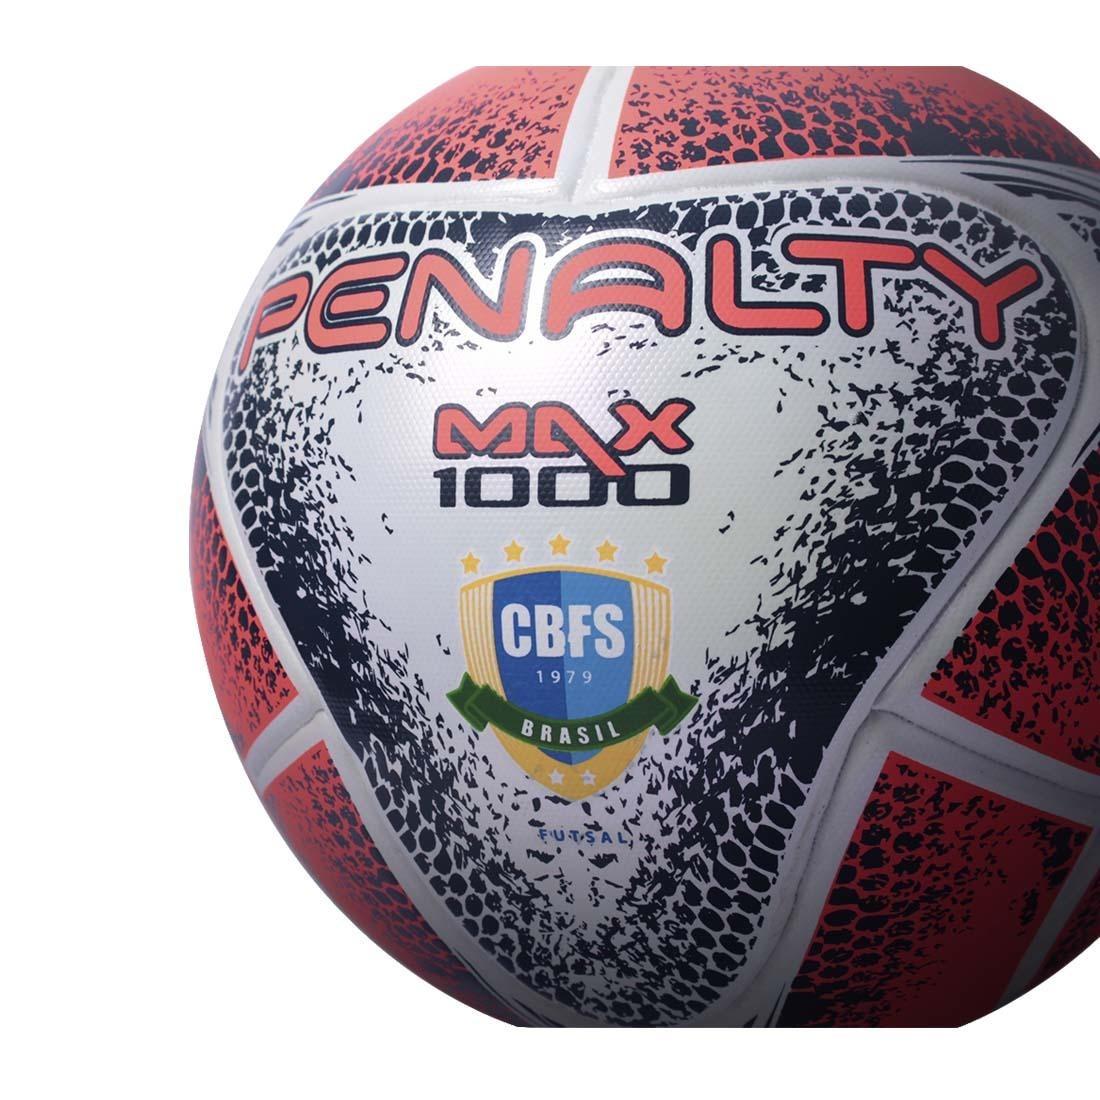 8170b5a68f Bola Futsal Penalty Max 1000 Aprovada Fifa 2018 Na Caixa - R  203